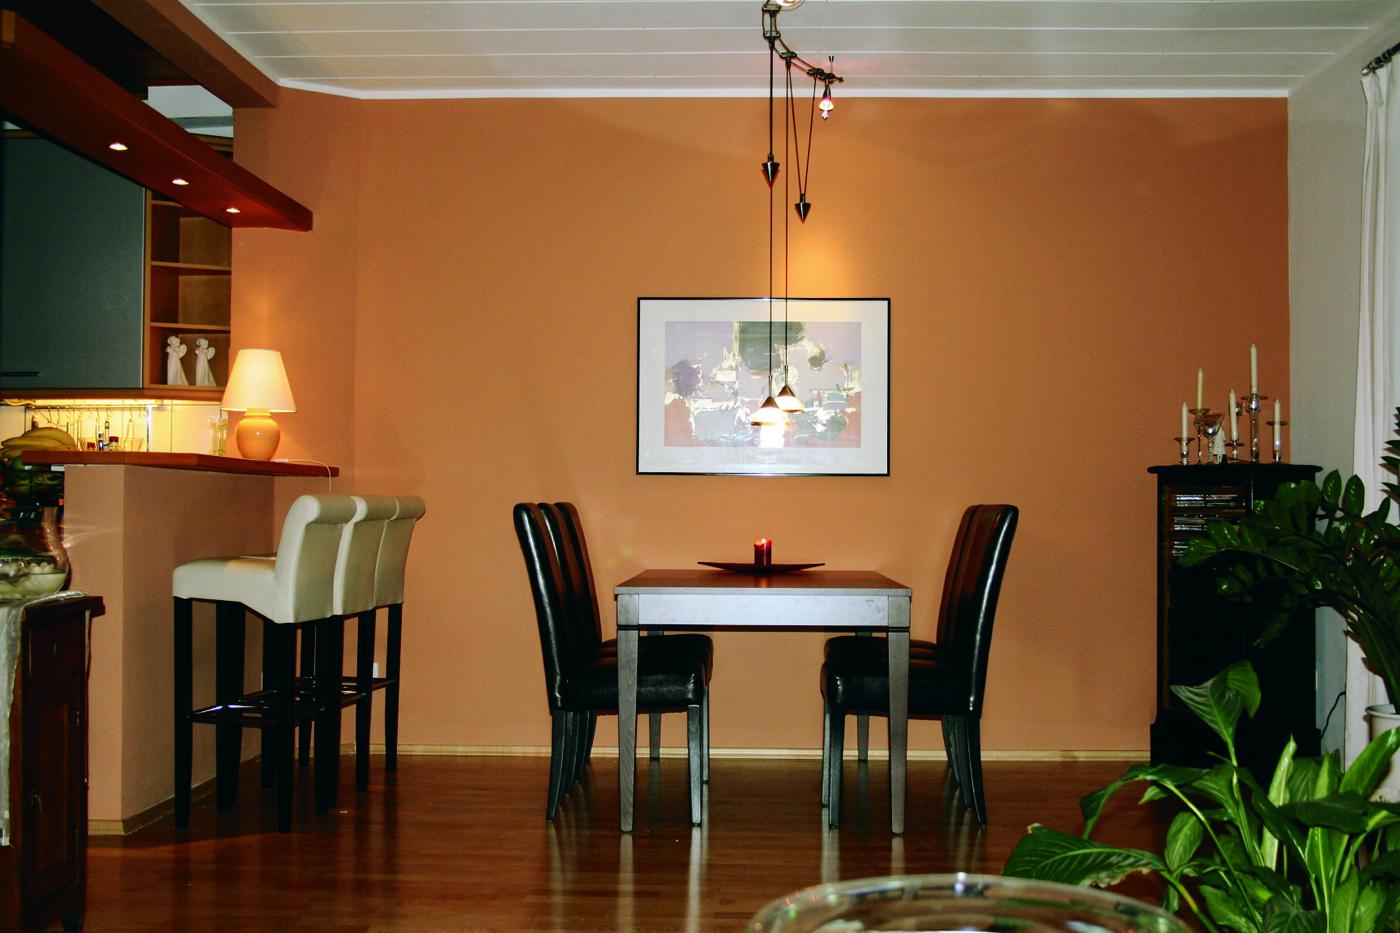 spectrum 3 0 findet breite zustimmung caparol farben lacke bautenschutz gmbh pressemitteilung. Black Bedroom Furniture Sets. Home Design Ideas